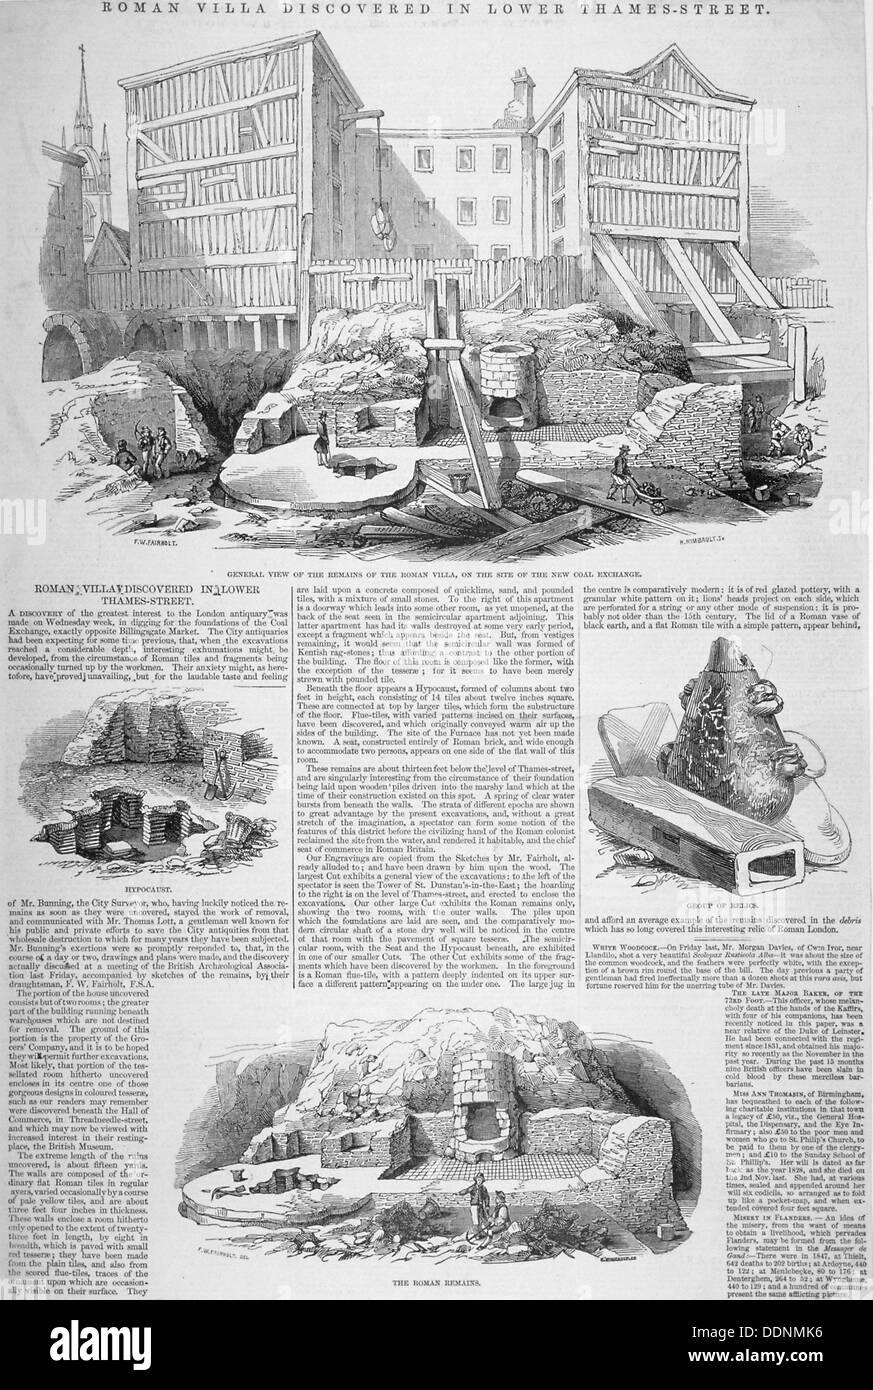 Los restos romanos en el sitio del intercambio del carbón, de la ciudad de Londres, 1848. Artista: H Rimbault Imagen De Stock